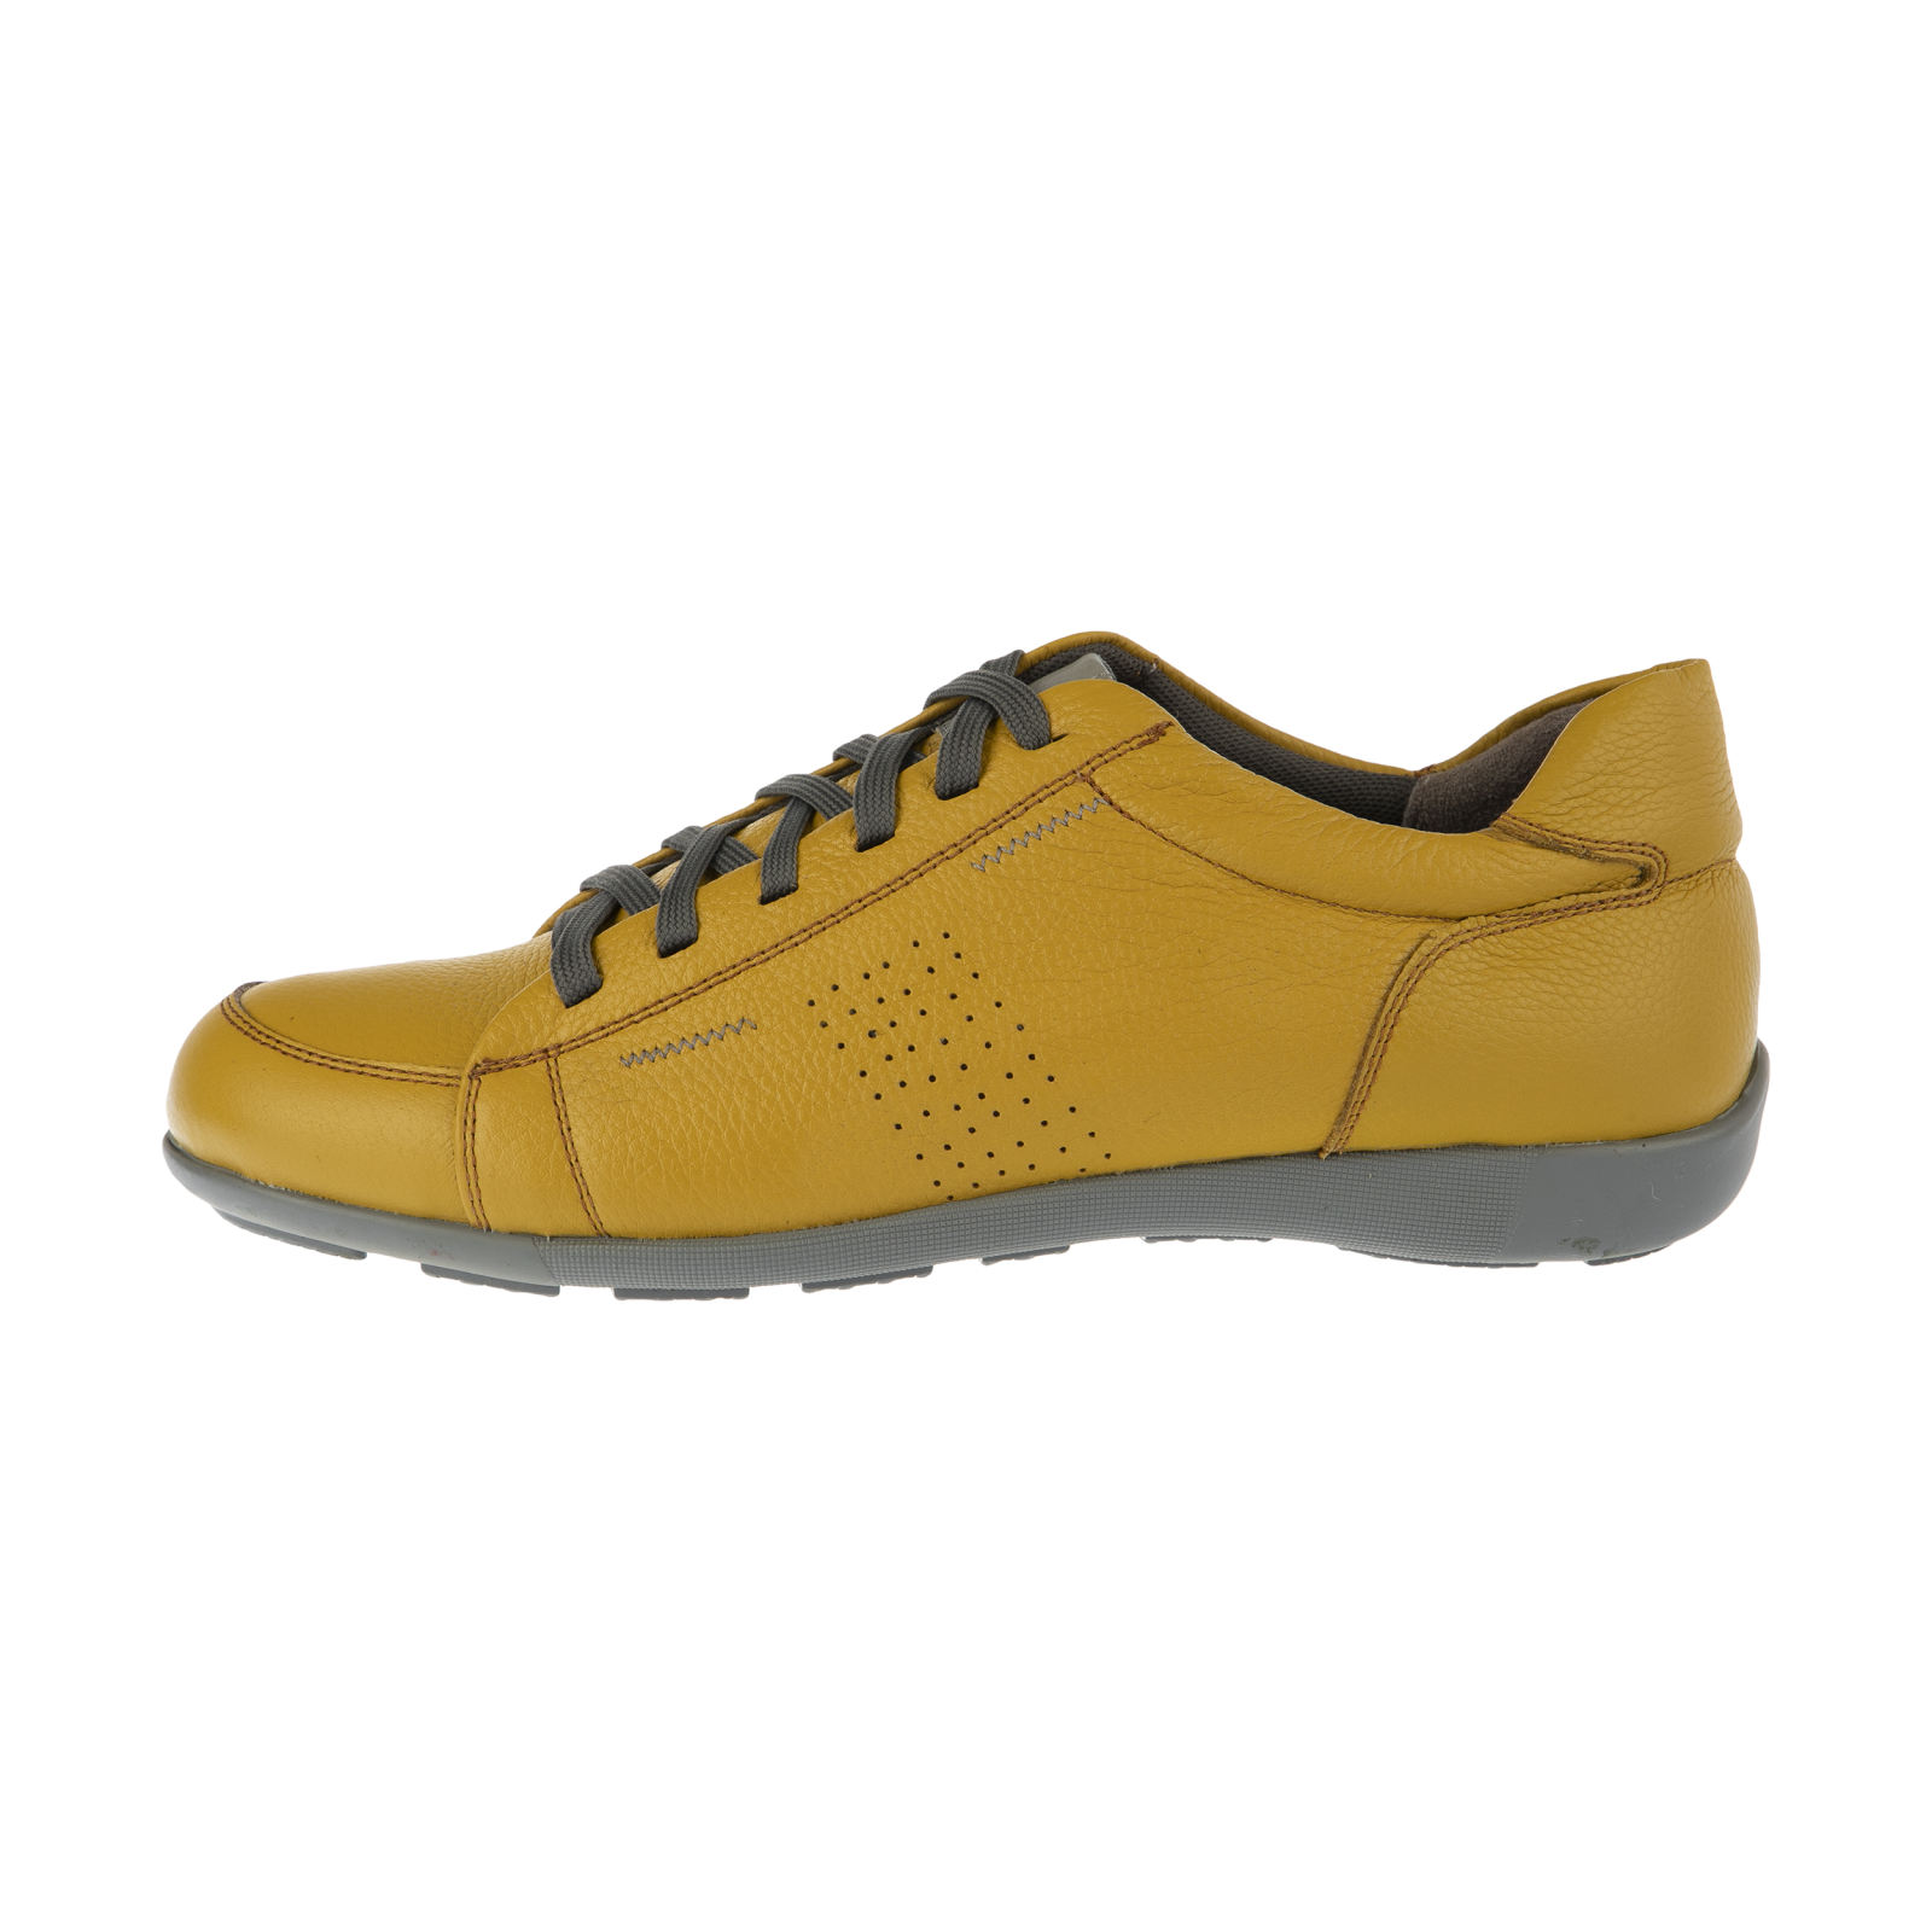 کفش روزمره زنانه شهر چرم مدل so42319 -  - 2